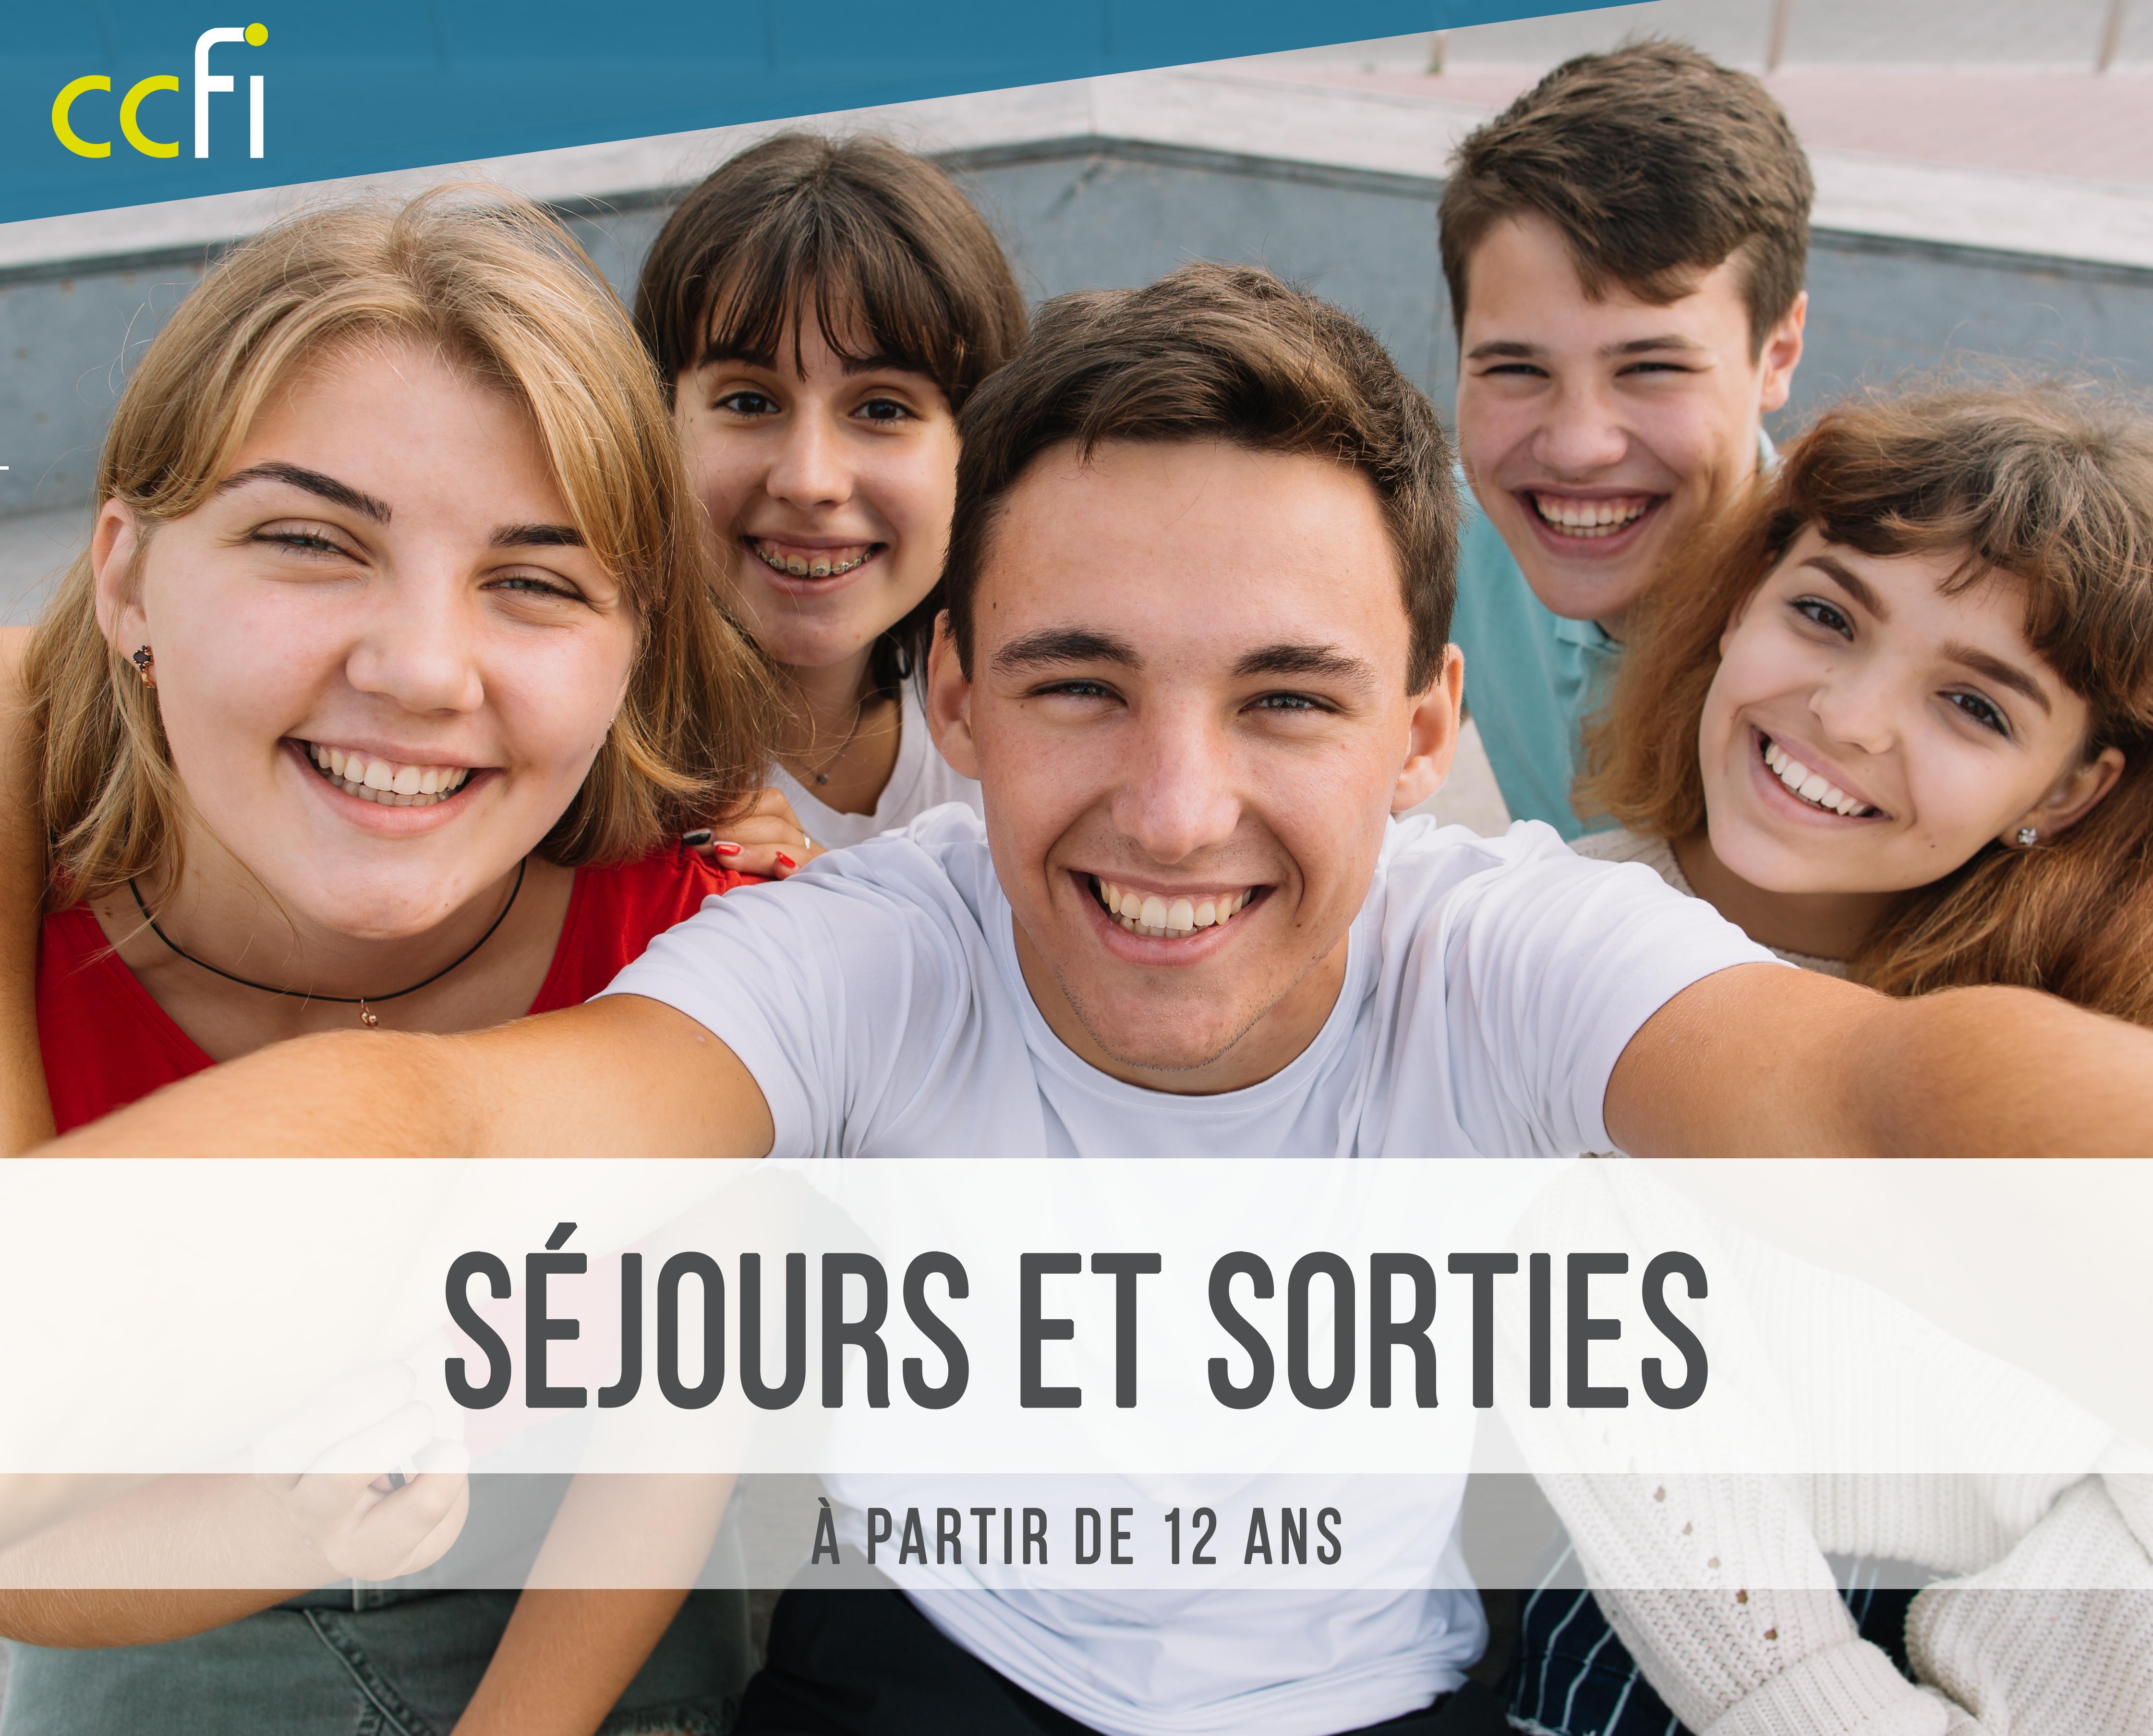 image-presentation-sejours.png